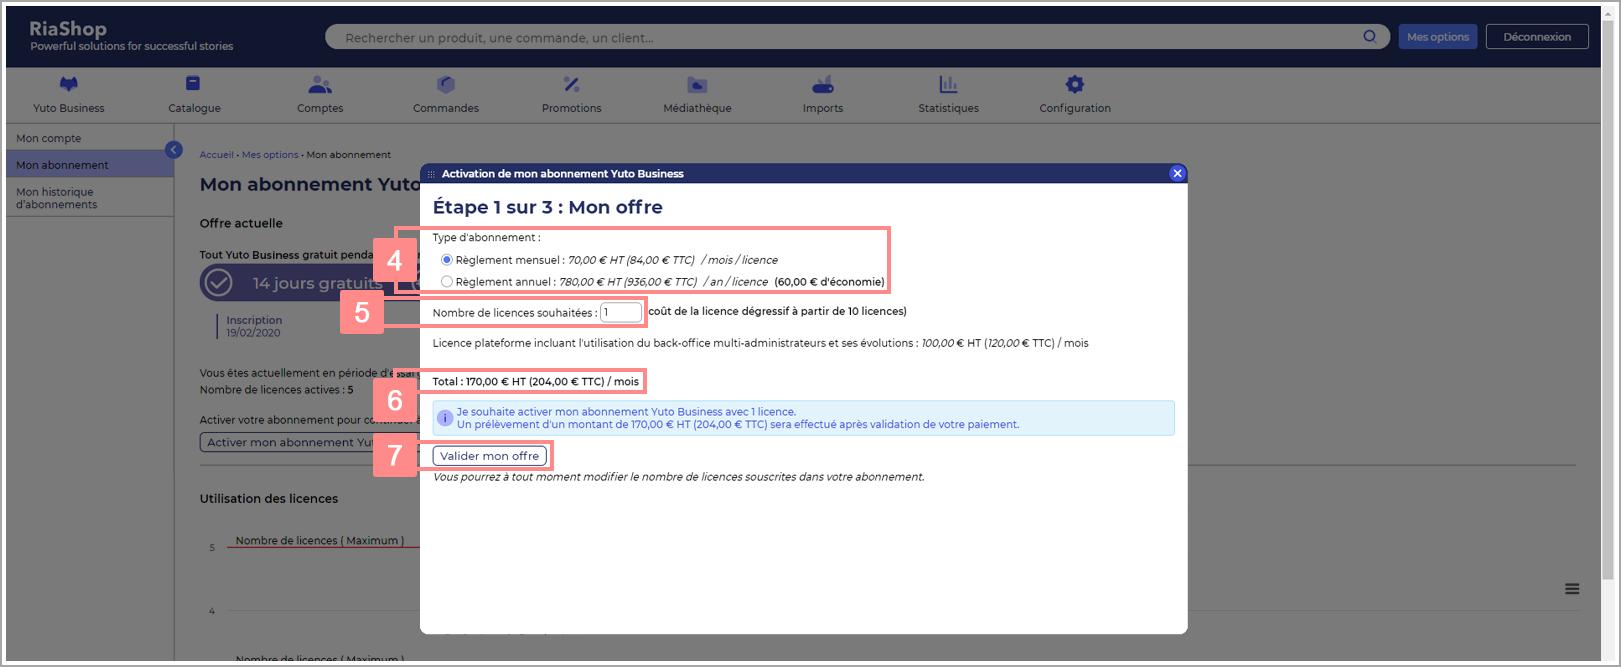 Choix de l'offre d'abonnement Yuto Business